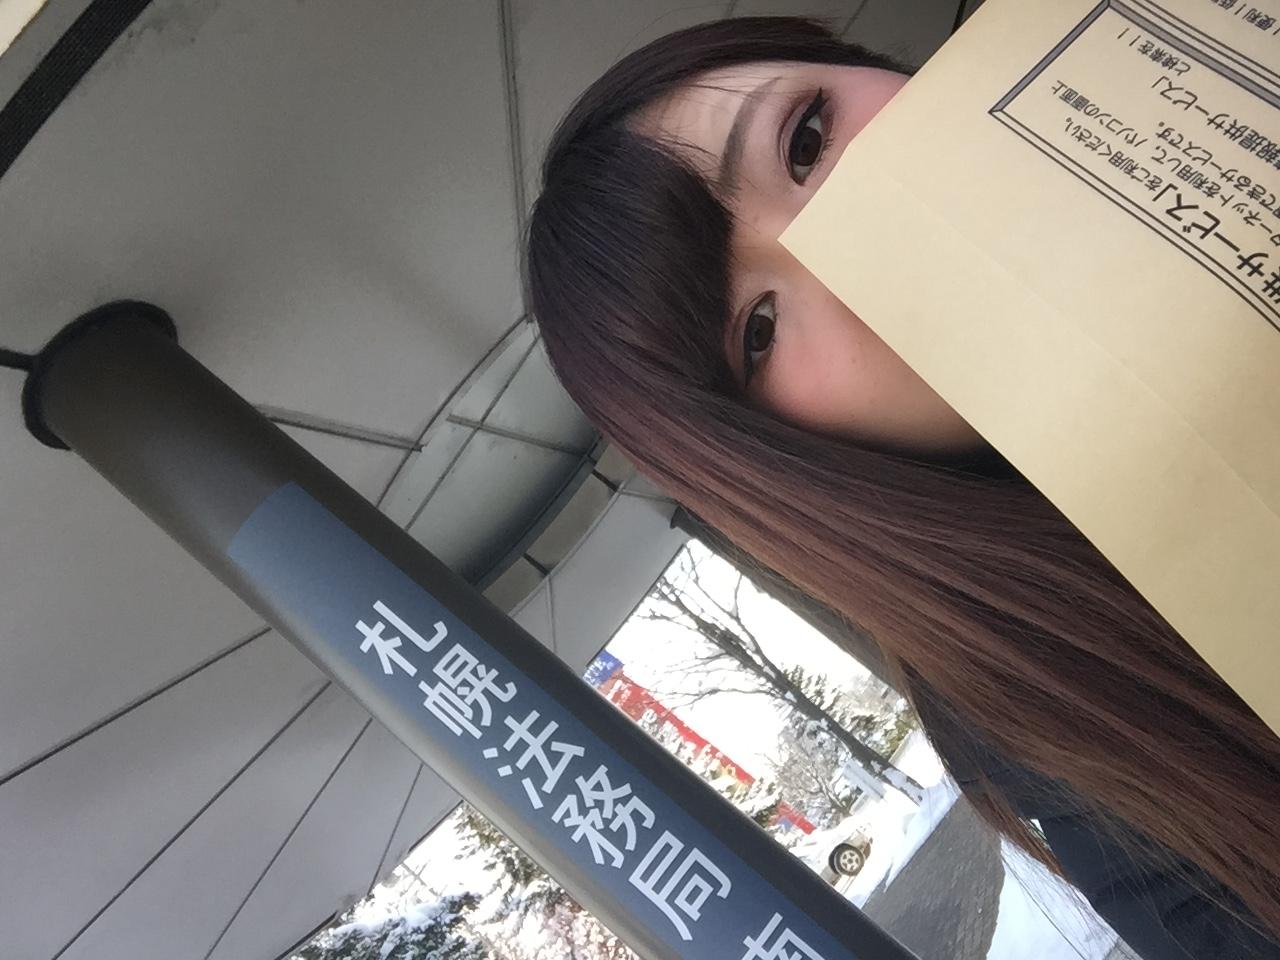 12月6日 水曜日のひとログ(。・Д・)ゞ 除雪車リース承り〼★ご相談もお気軽に!TOMMY_b0127002_16401047.jpg